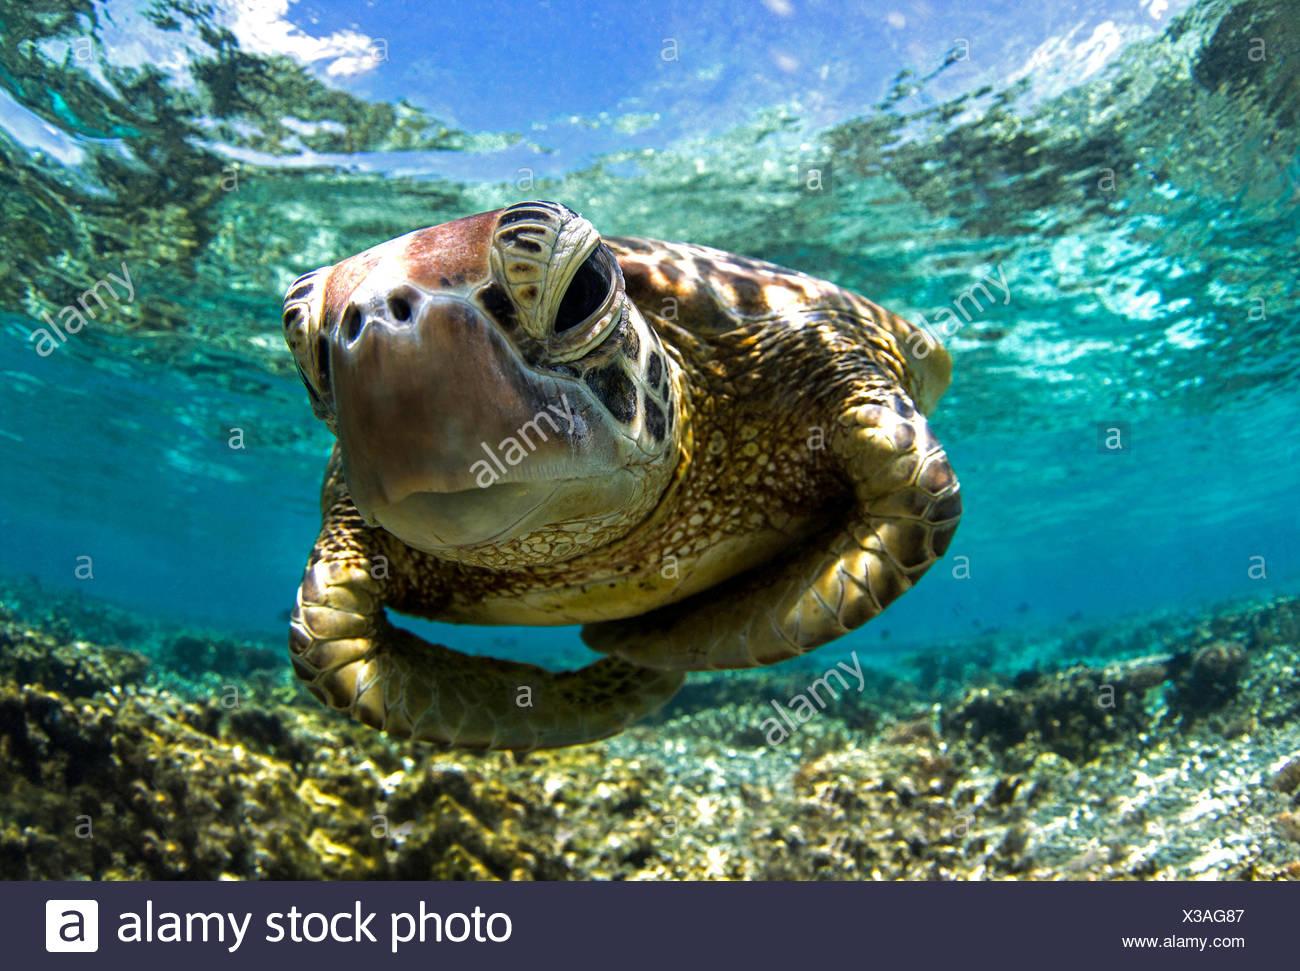 Close-up erschossen Unterwasser einer Schildkröte Schwimmen im Reef, Queensland, Australien Stockbild